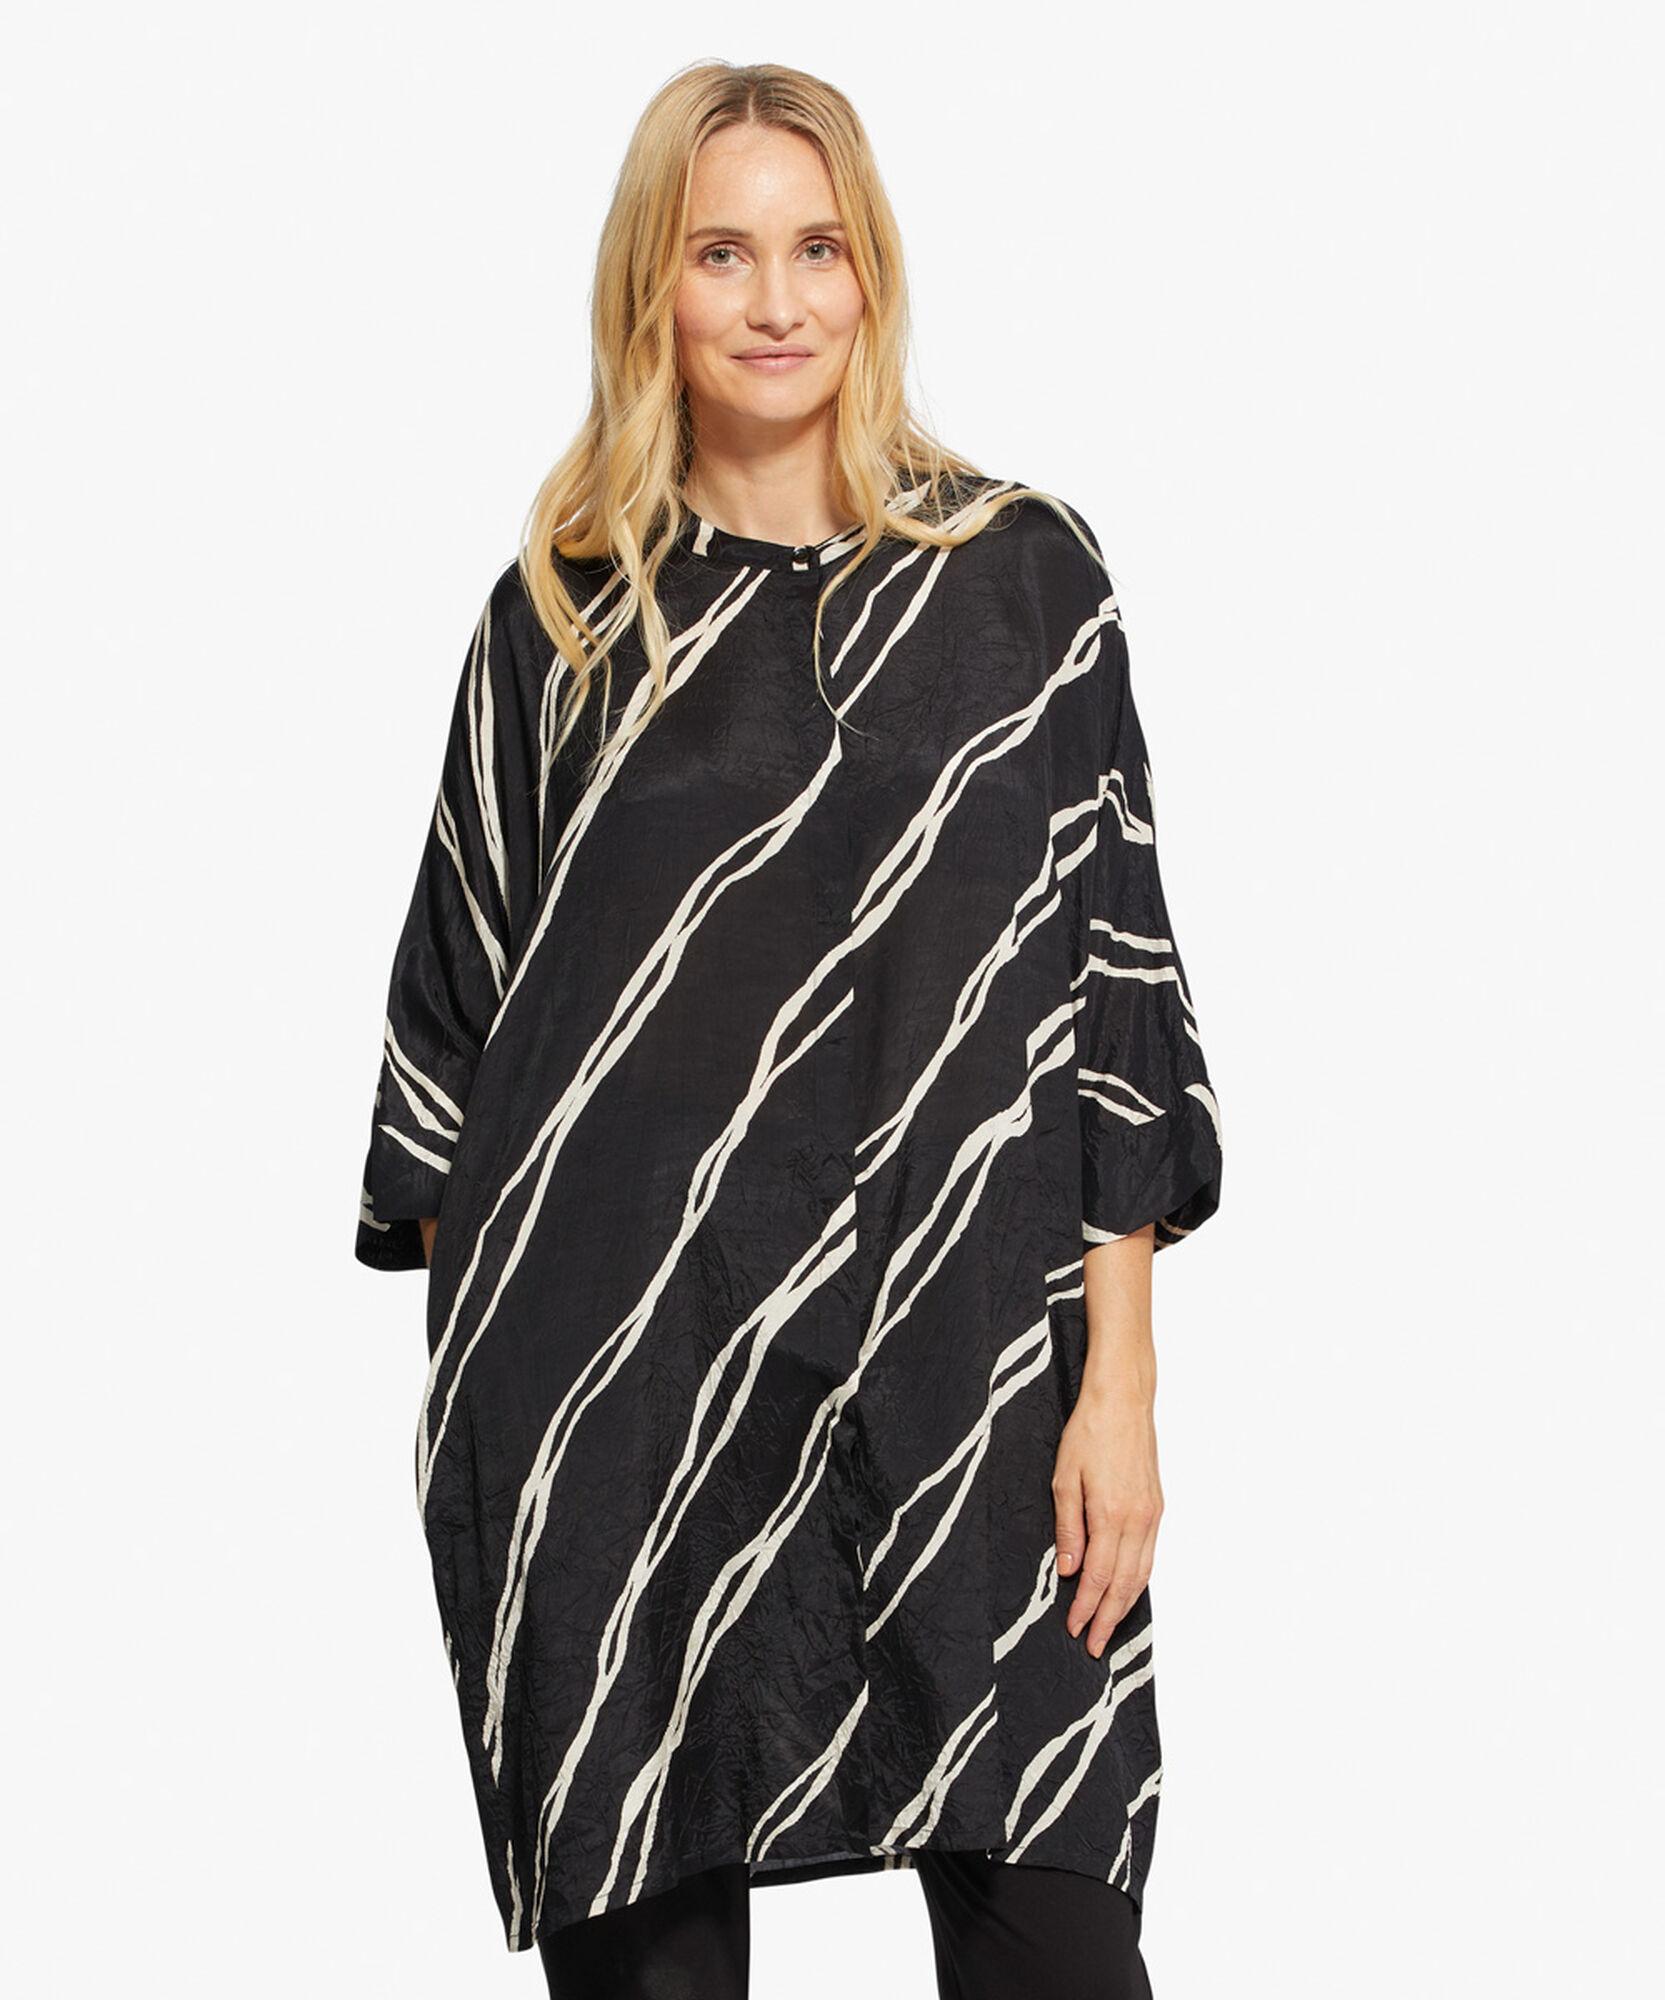 IOSETTA SHIRT DRESS, Black, hi-res